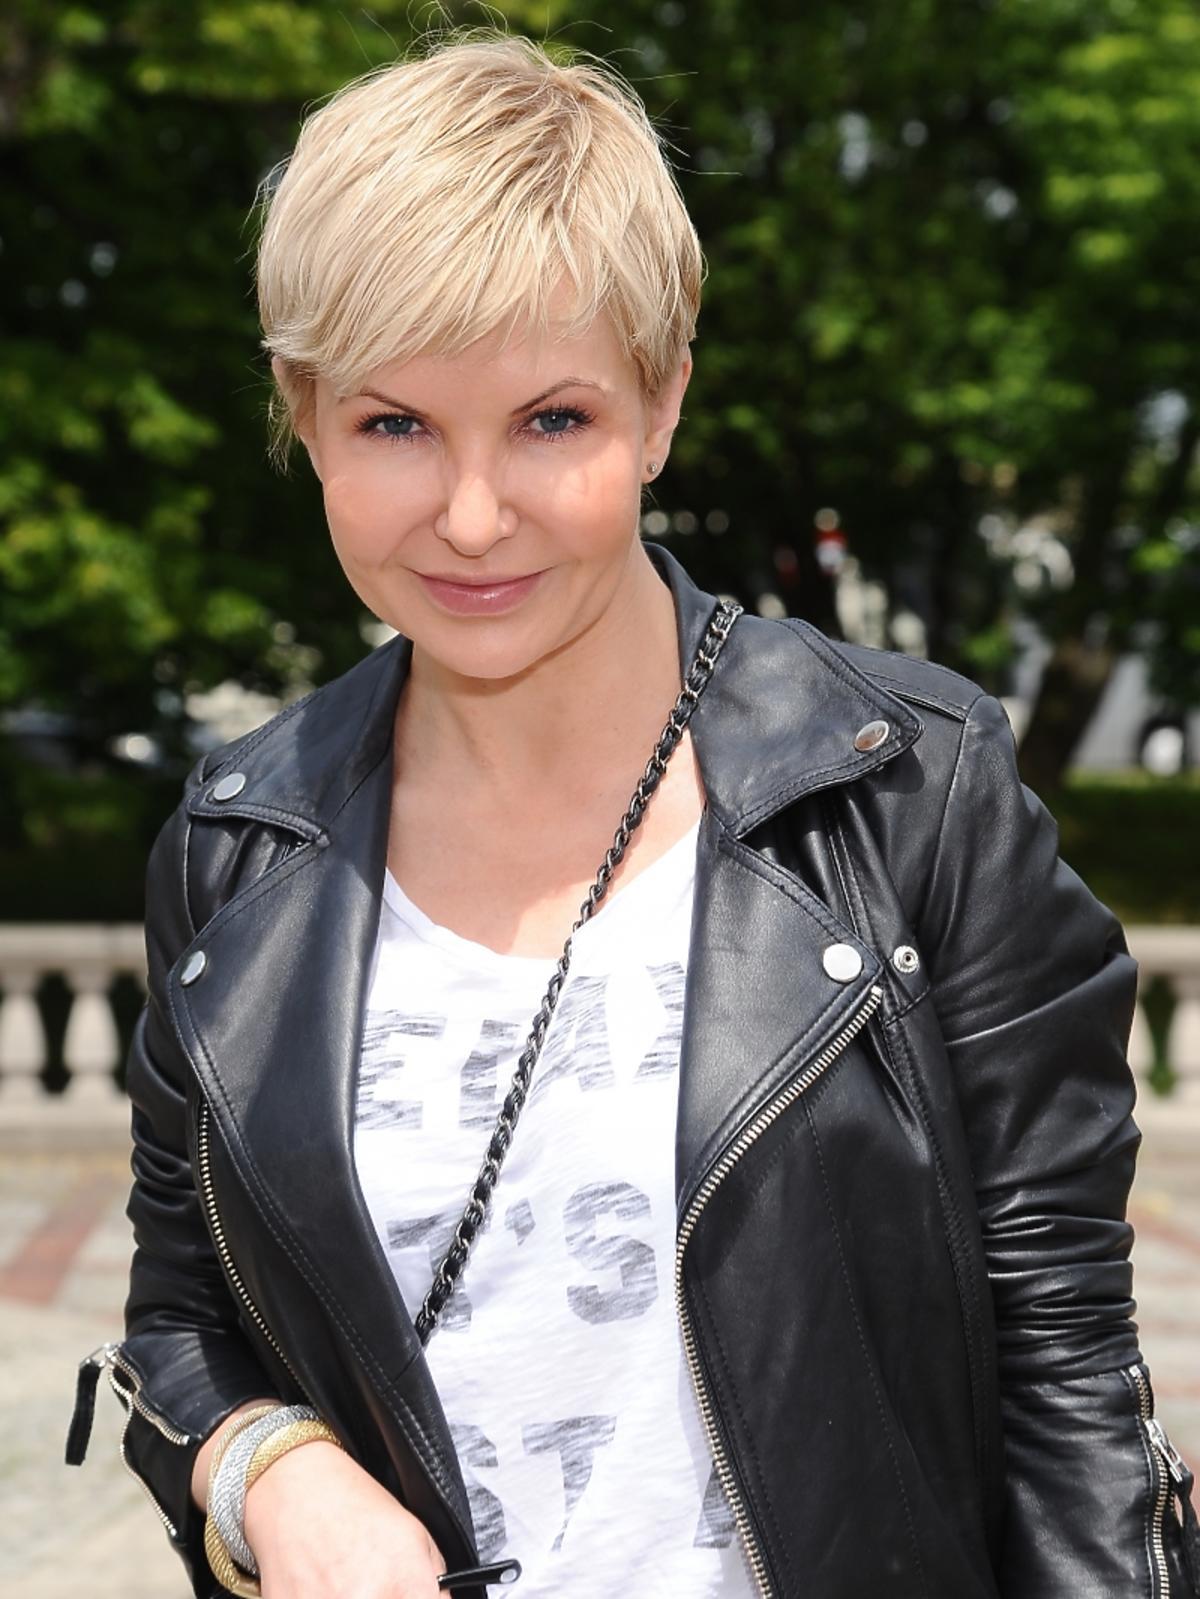 Joanna Racewicz na zewnątrz w skórzanej kurtce i białej bluzce